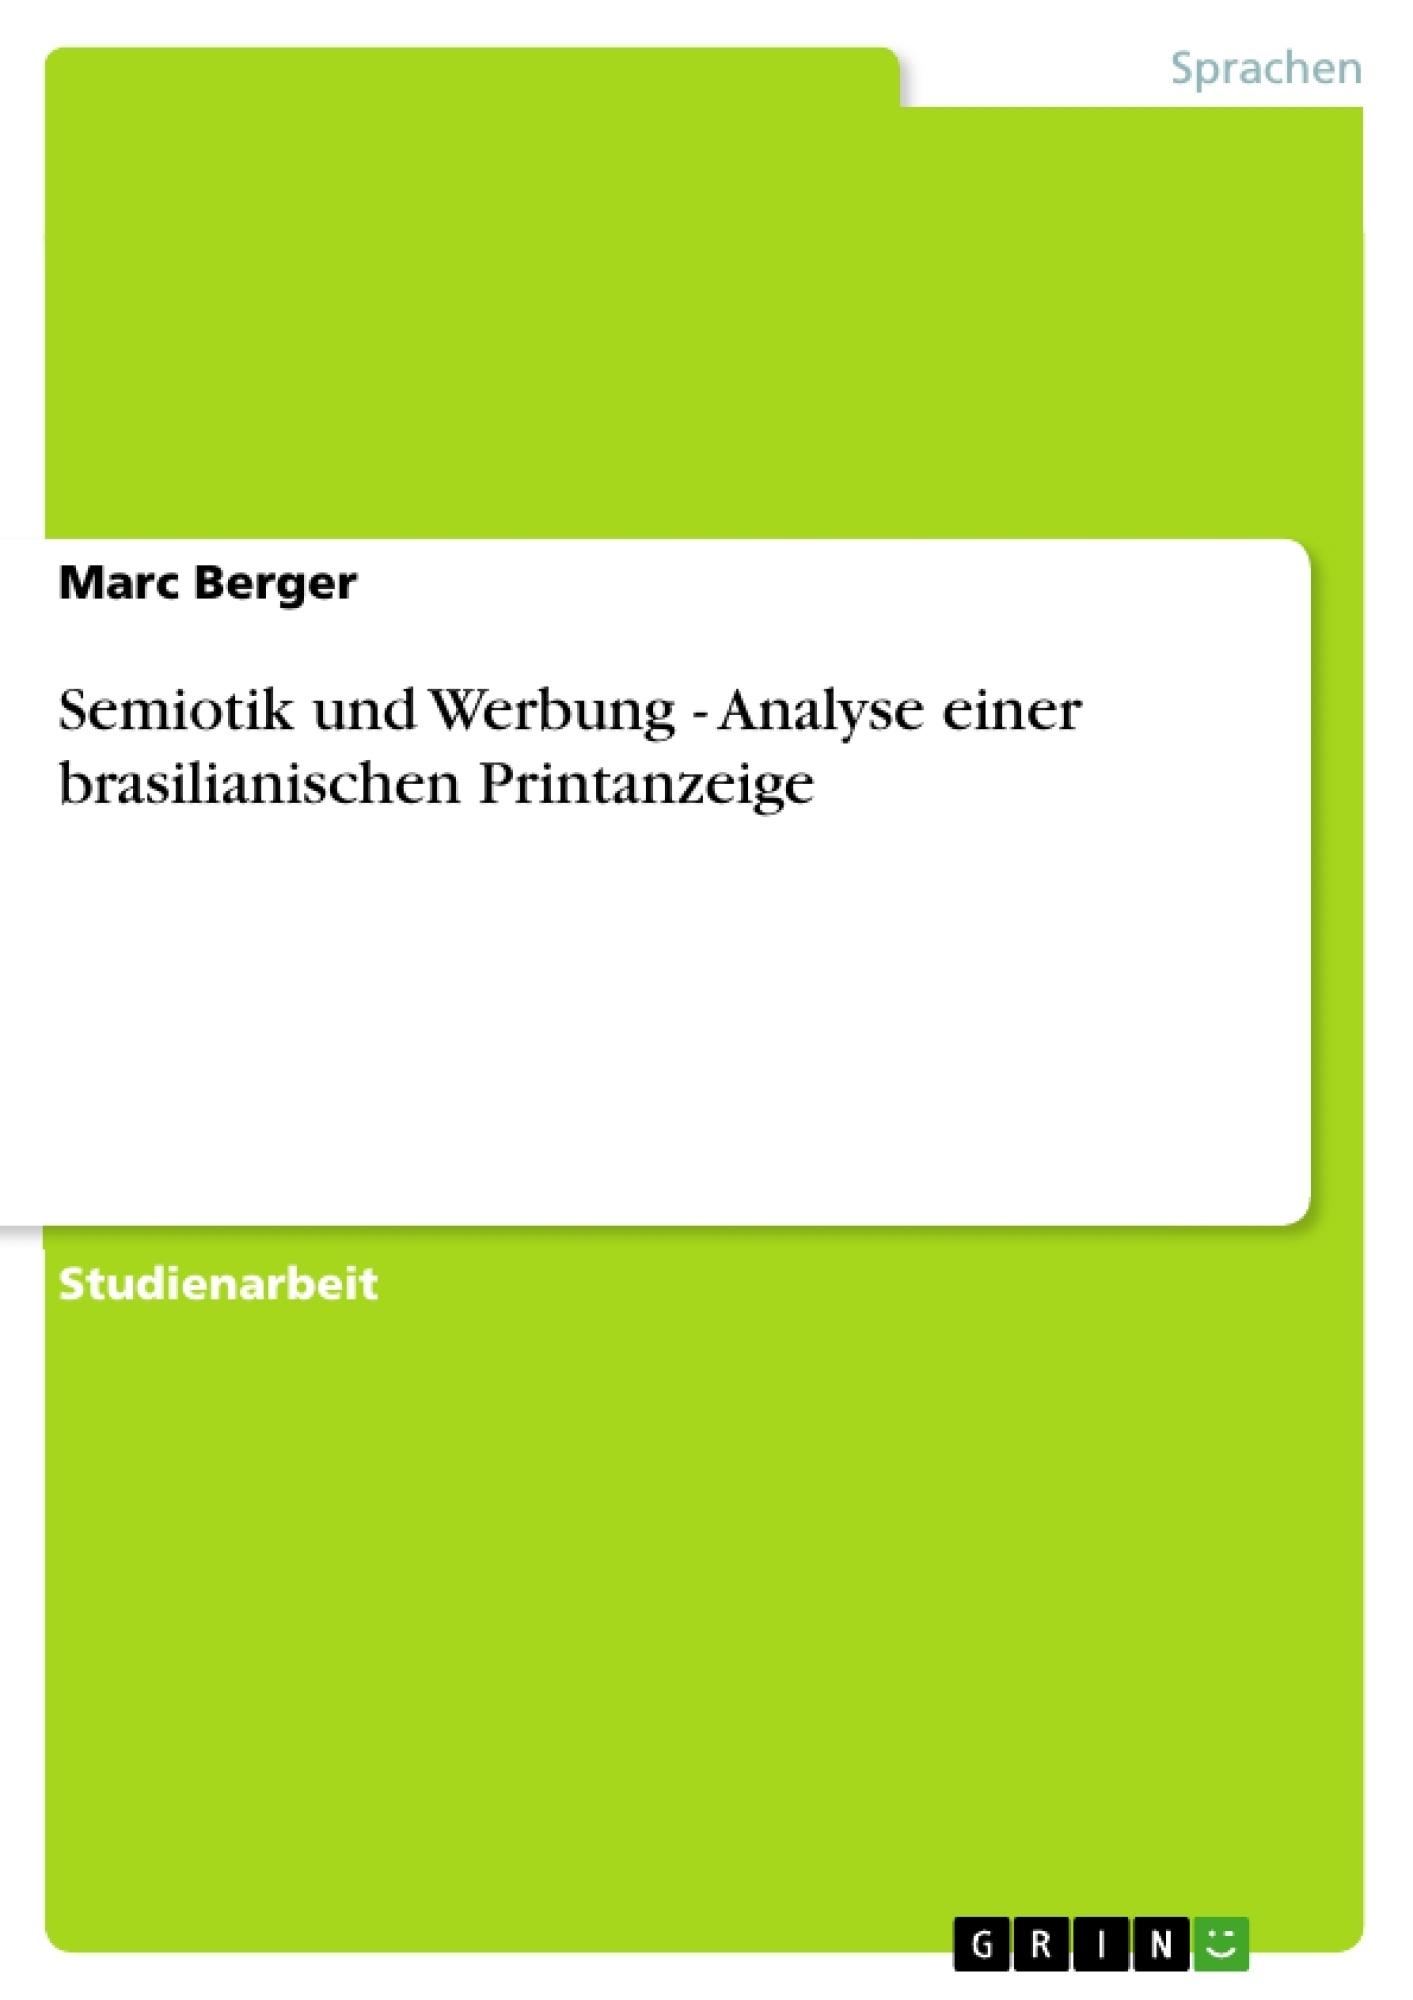 Titel: Semiotik und Werbung - Analyse einer brasilianischen Printanzeige